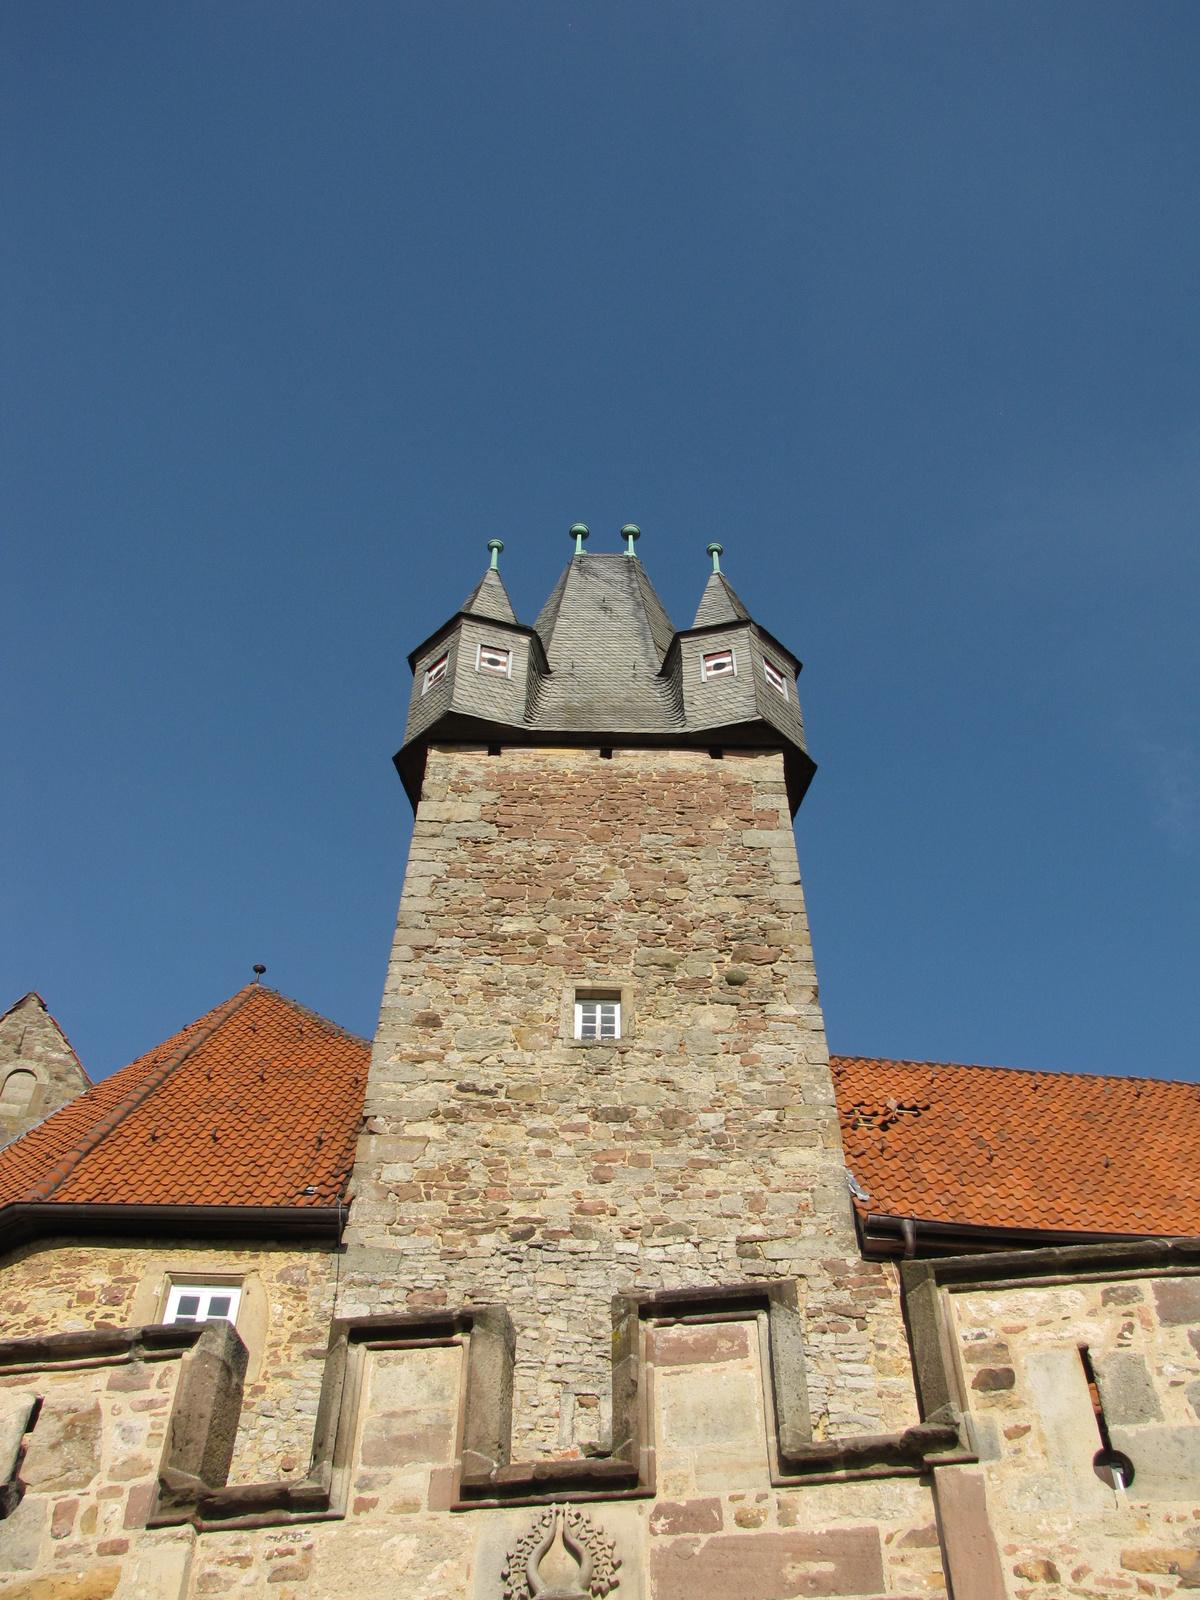 Németország, Spangenberg, a kastély, SzG3